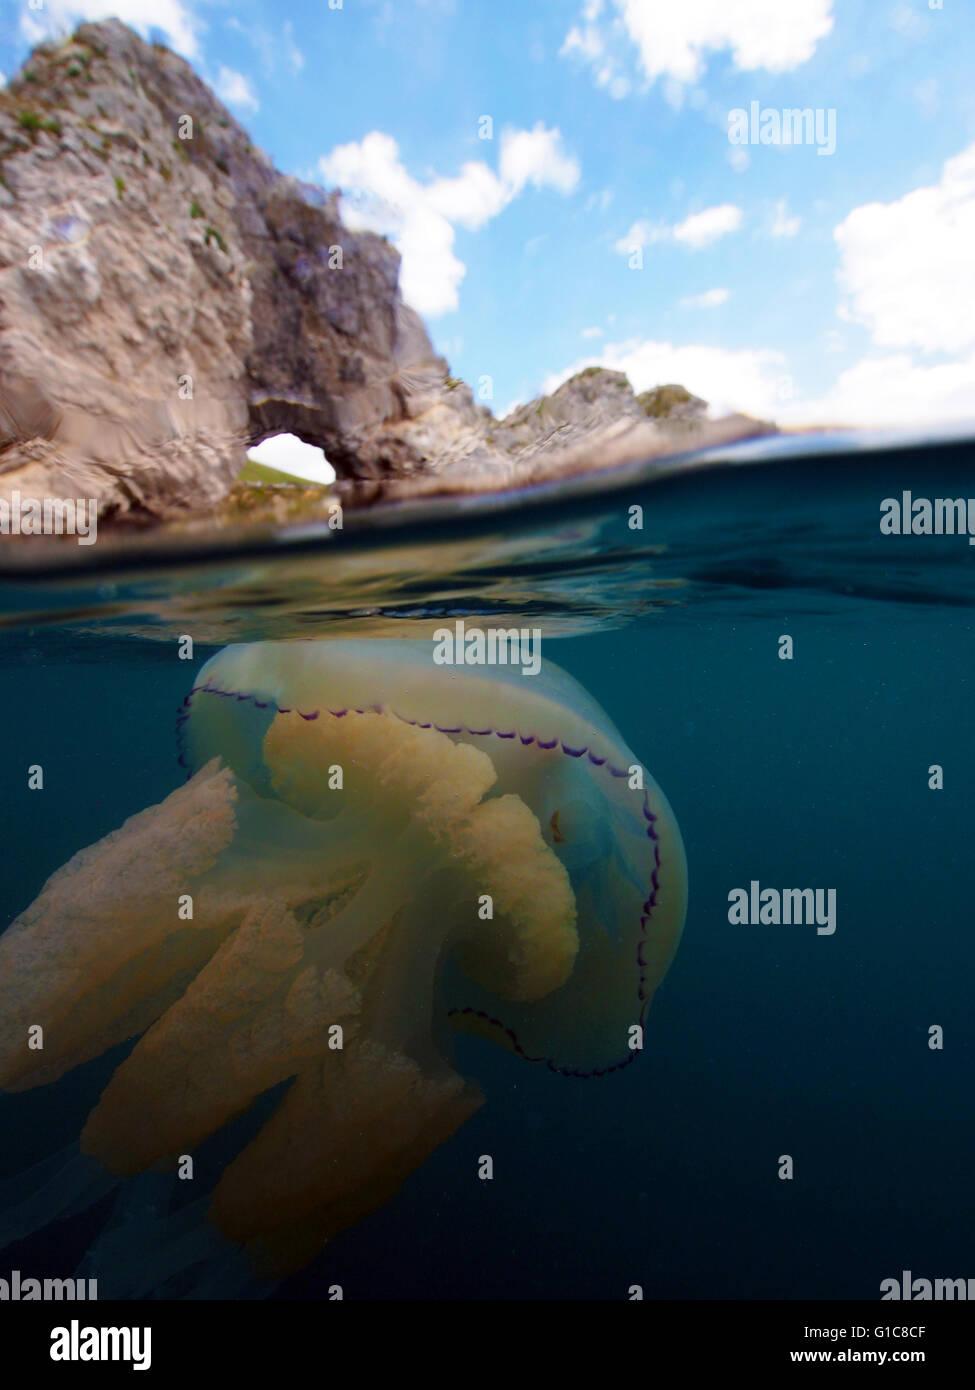 Barrel jellyfish off Durdle Door, Dorset - Stock Image